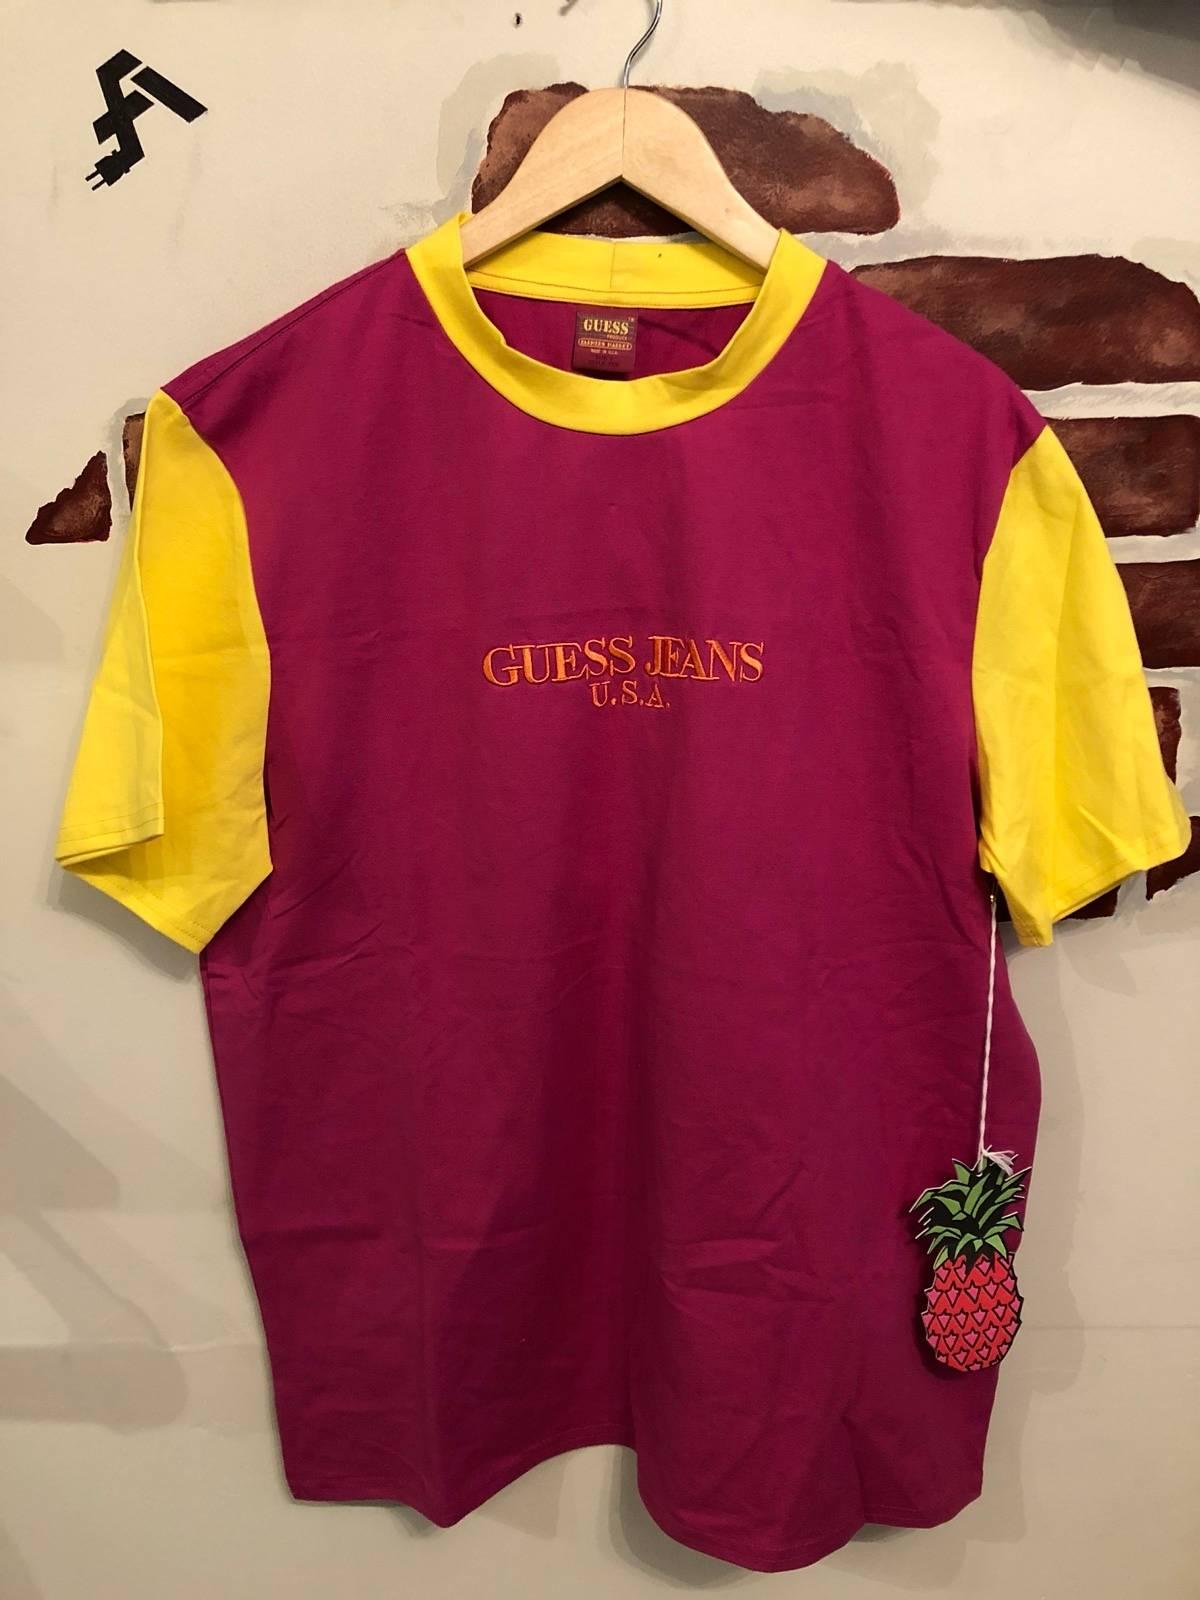 7e3569c900 Guess Jeans Farmers Market Shirt | Saddha